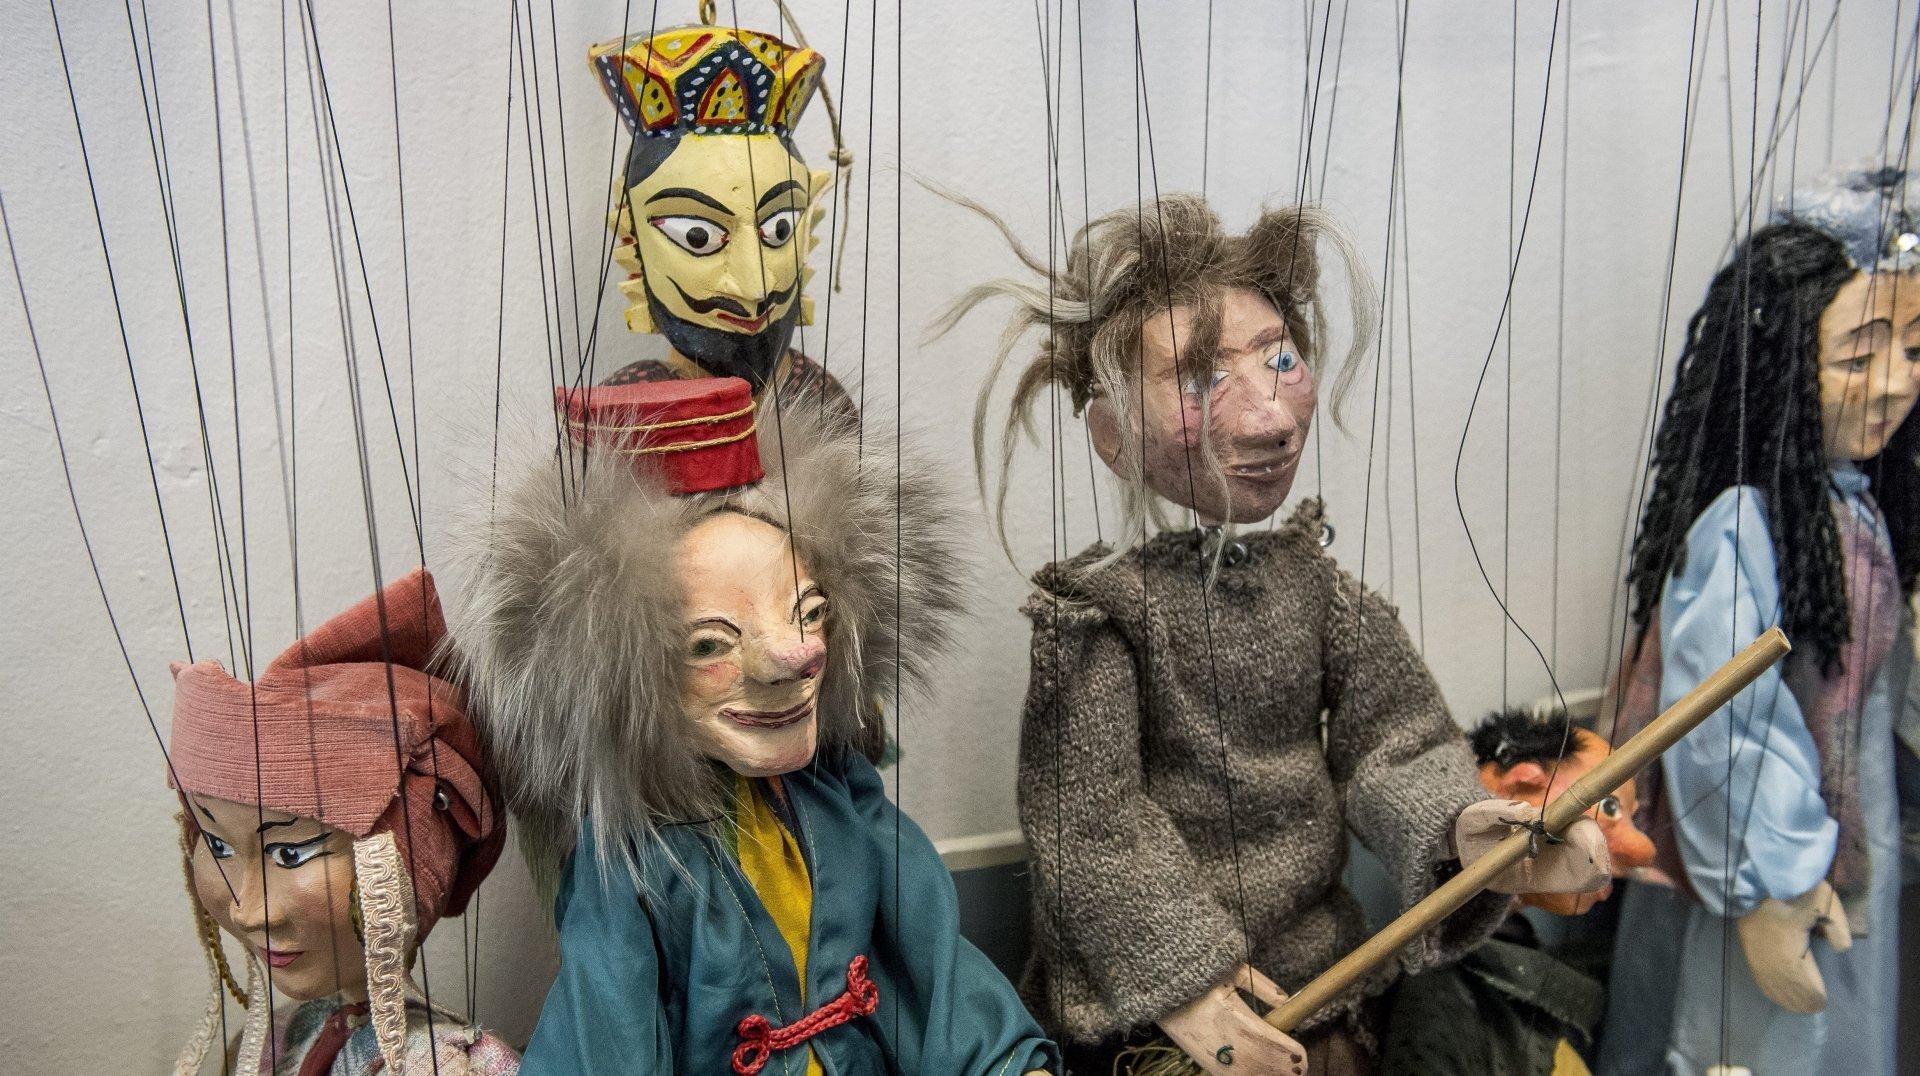 Neuchâtel: le festival marionNEttes dans une version hors-série